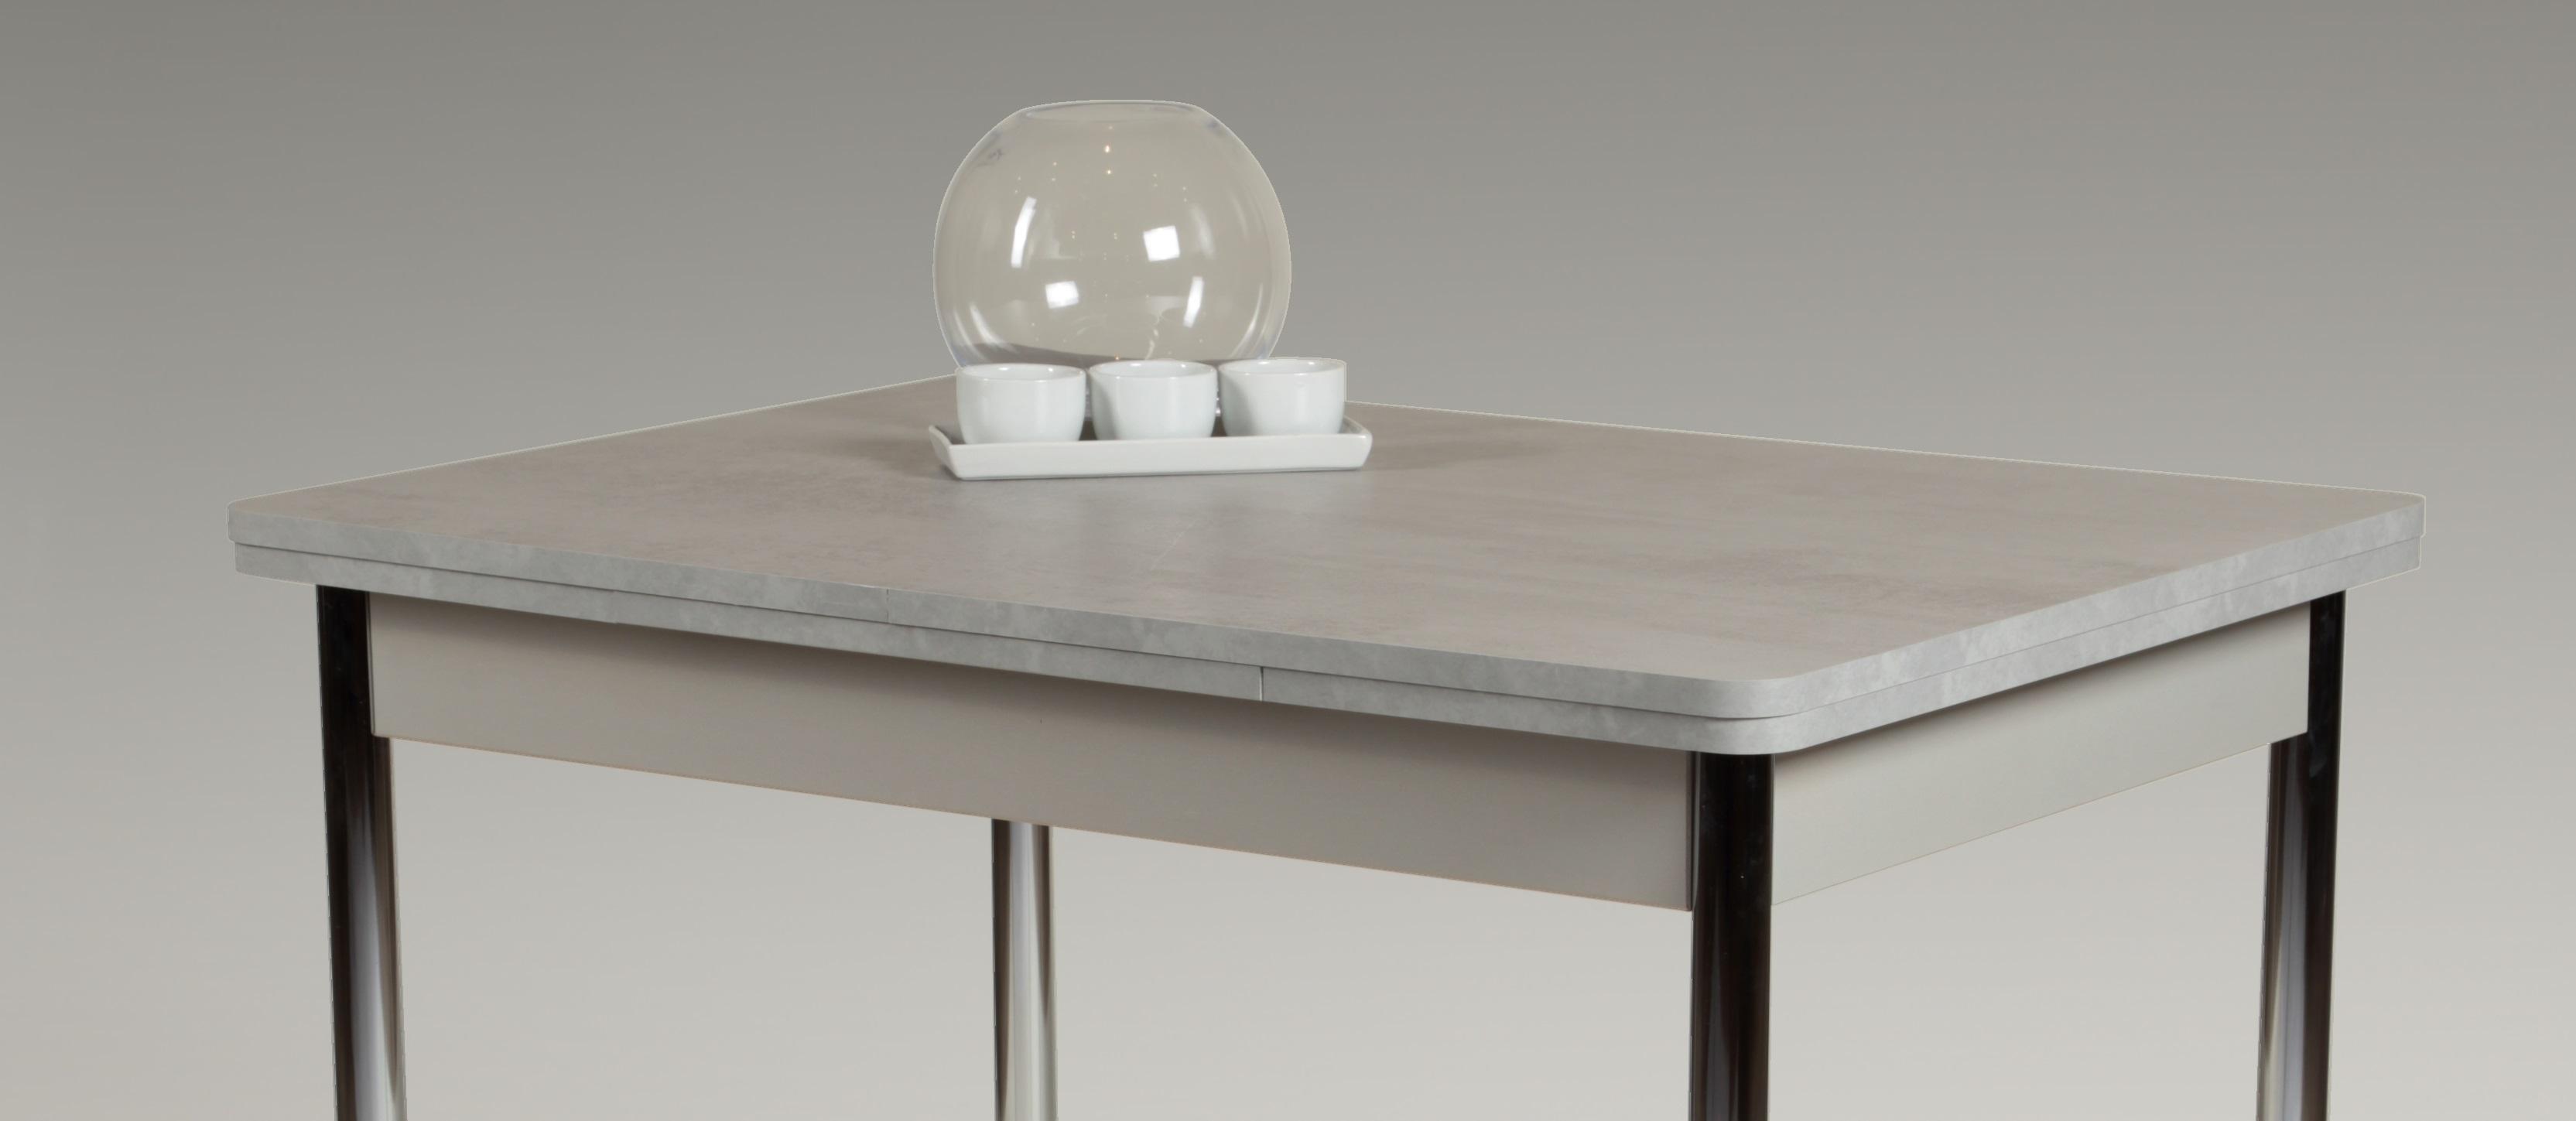 110-176x70 cm Esstisch Küchentisch Tisch Hamburg I 04/29 ausziehbar Beton Dekor